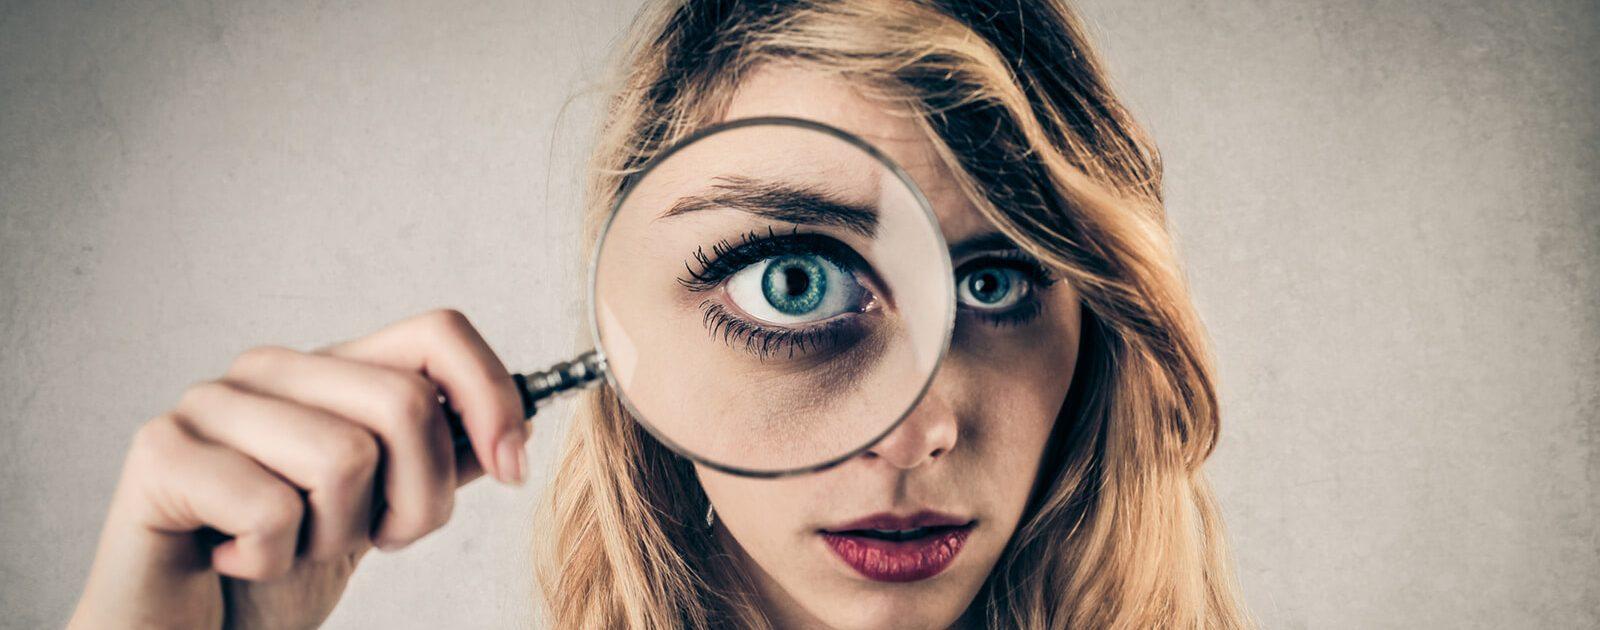 Frau untersucht mit einer Lupe die Symptome von Augenschwerden